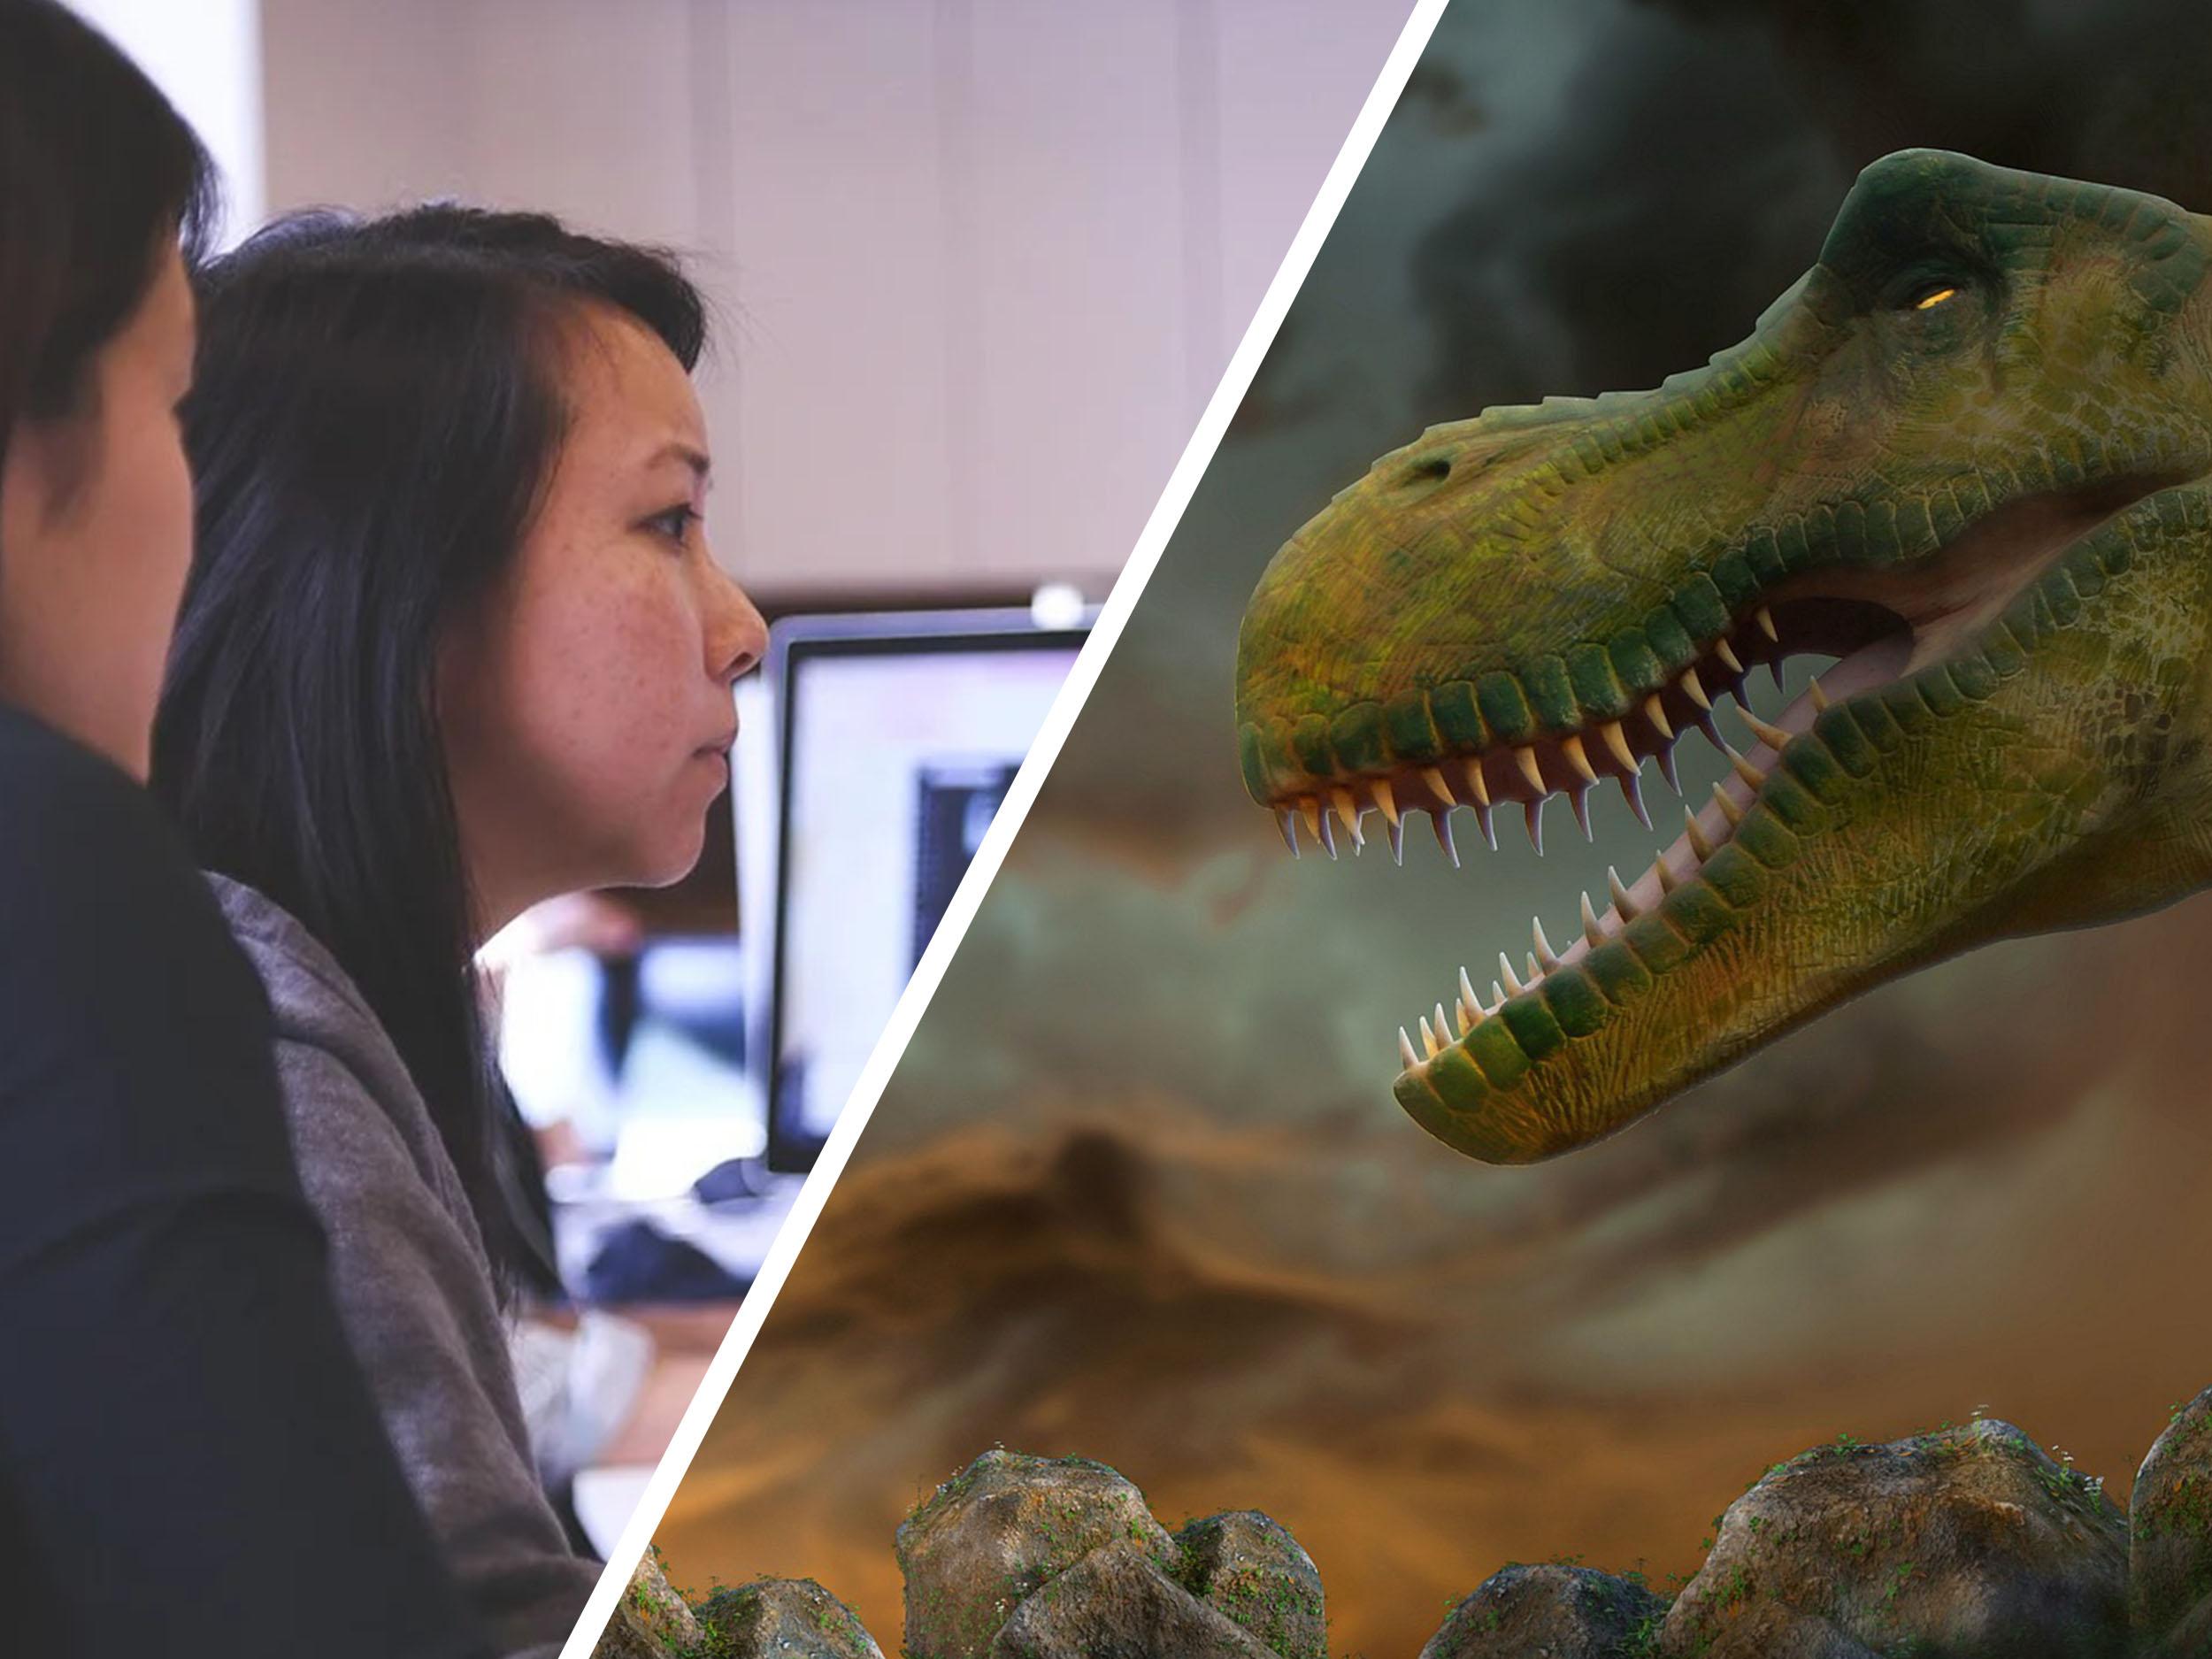 Studieren mit Online-Seminar und Dinogehirn